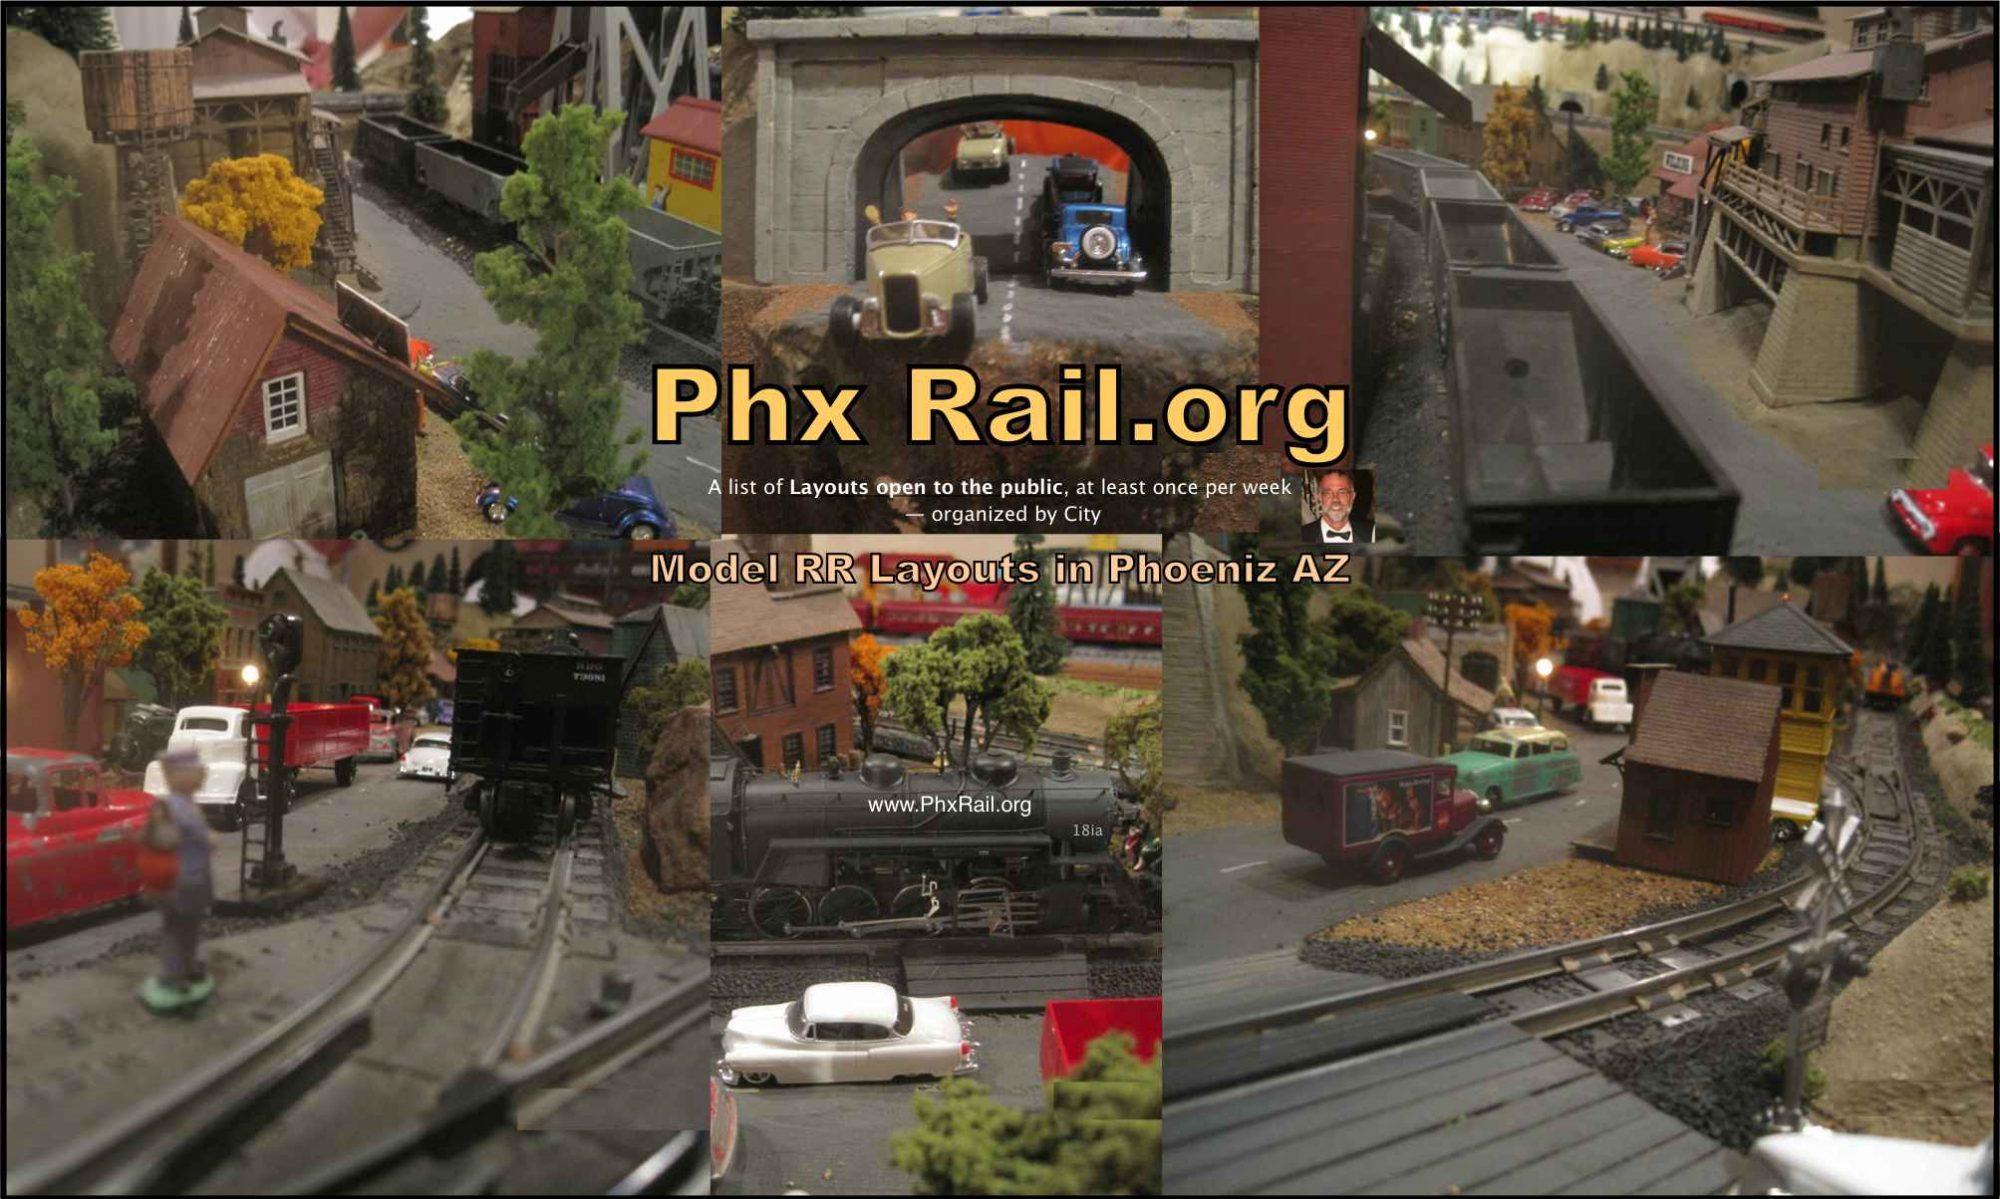 Phx Rail.org